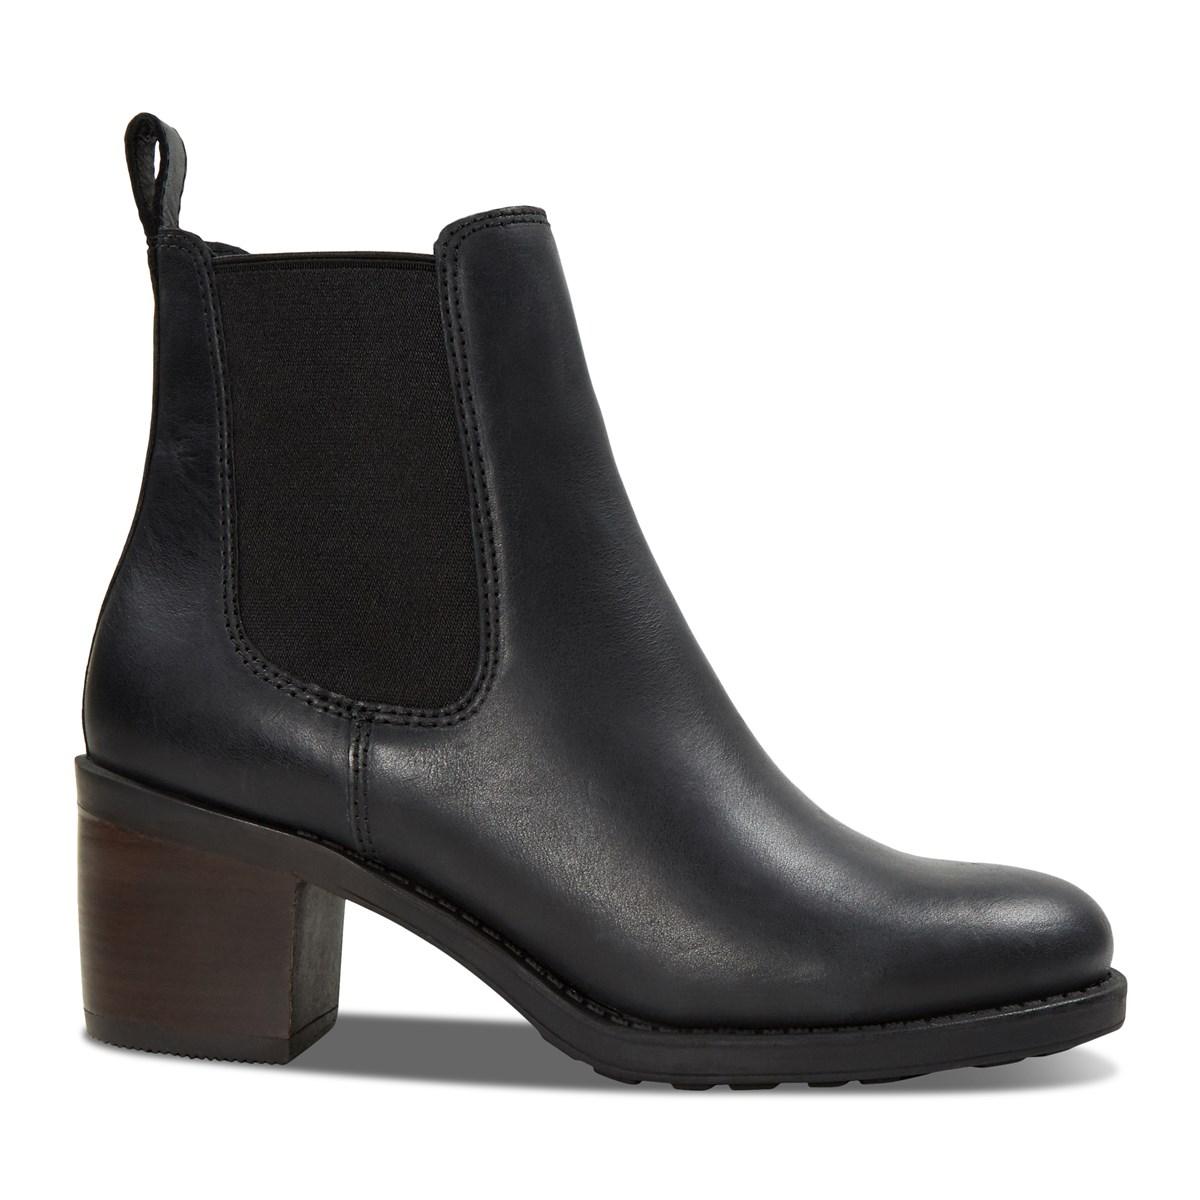 Women's Fargo Ankle Boots in Black